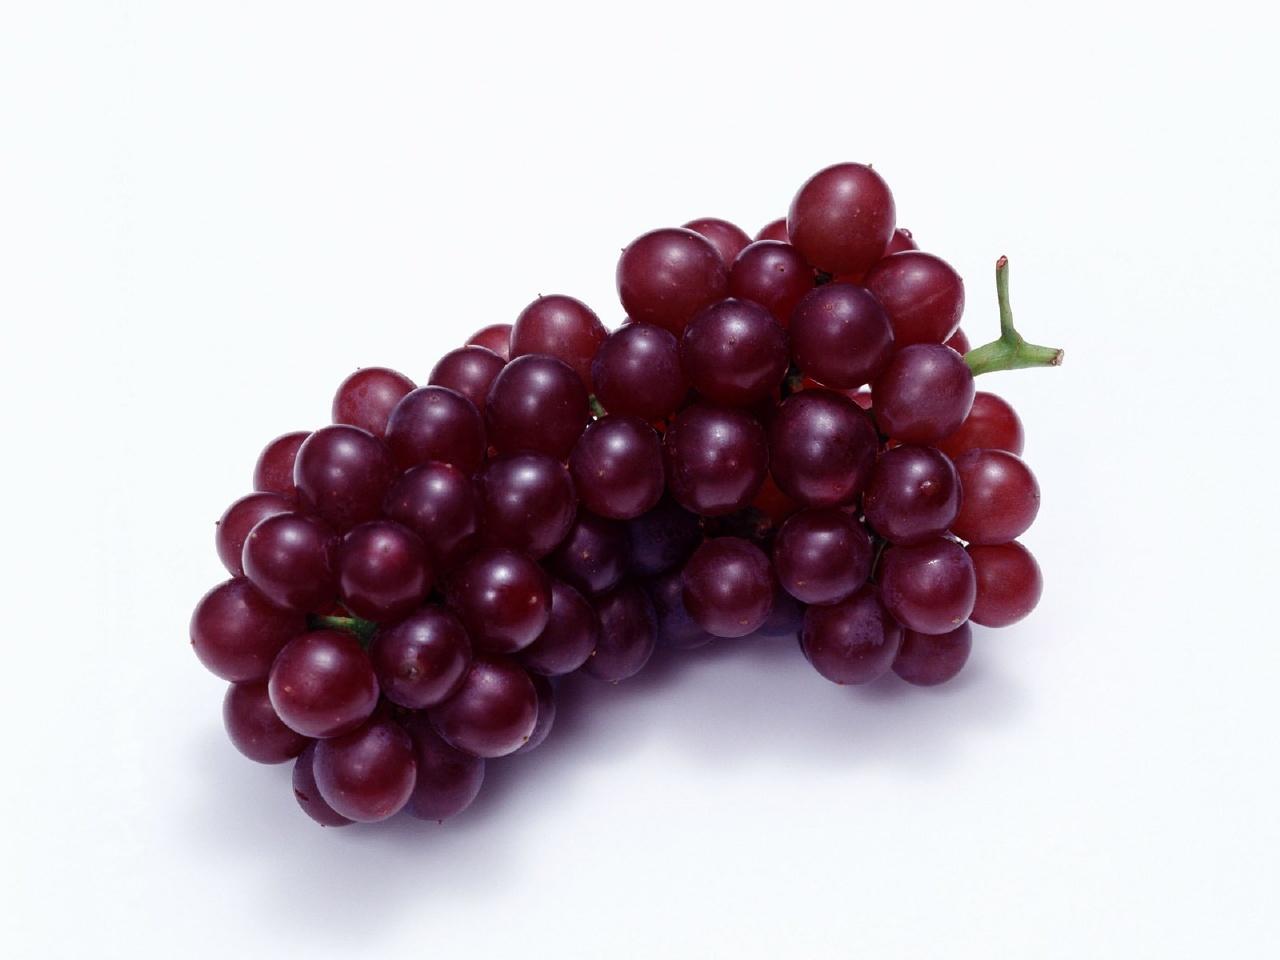 fruta-emagrecer-outono-uva